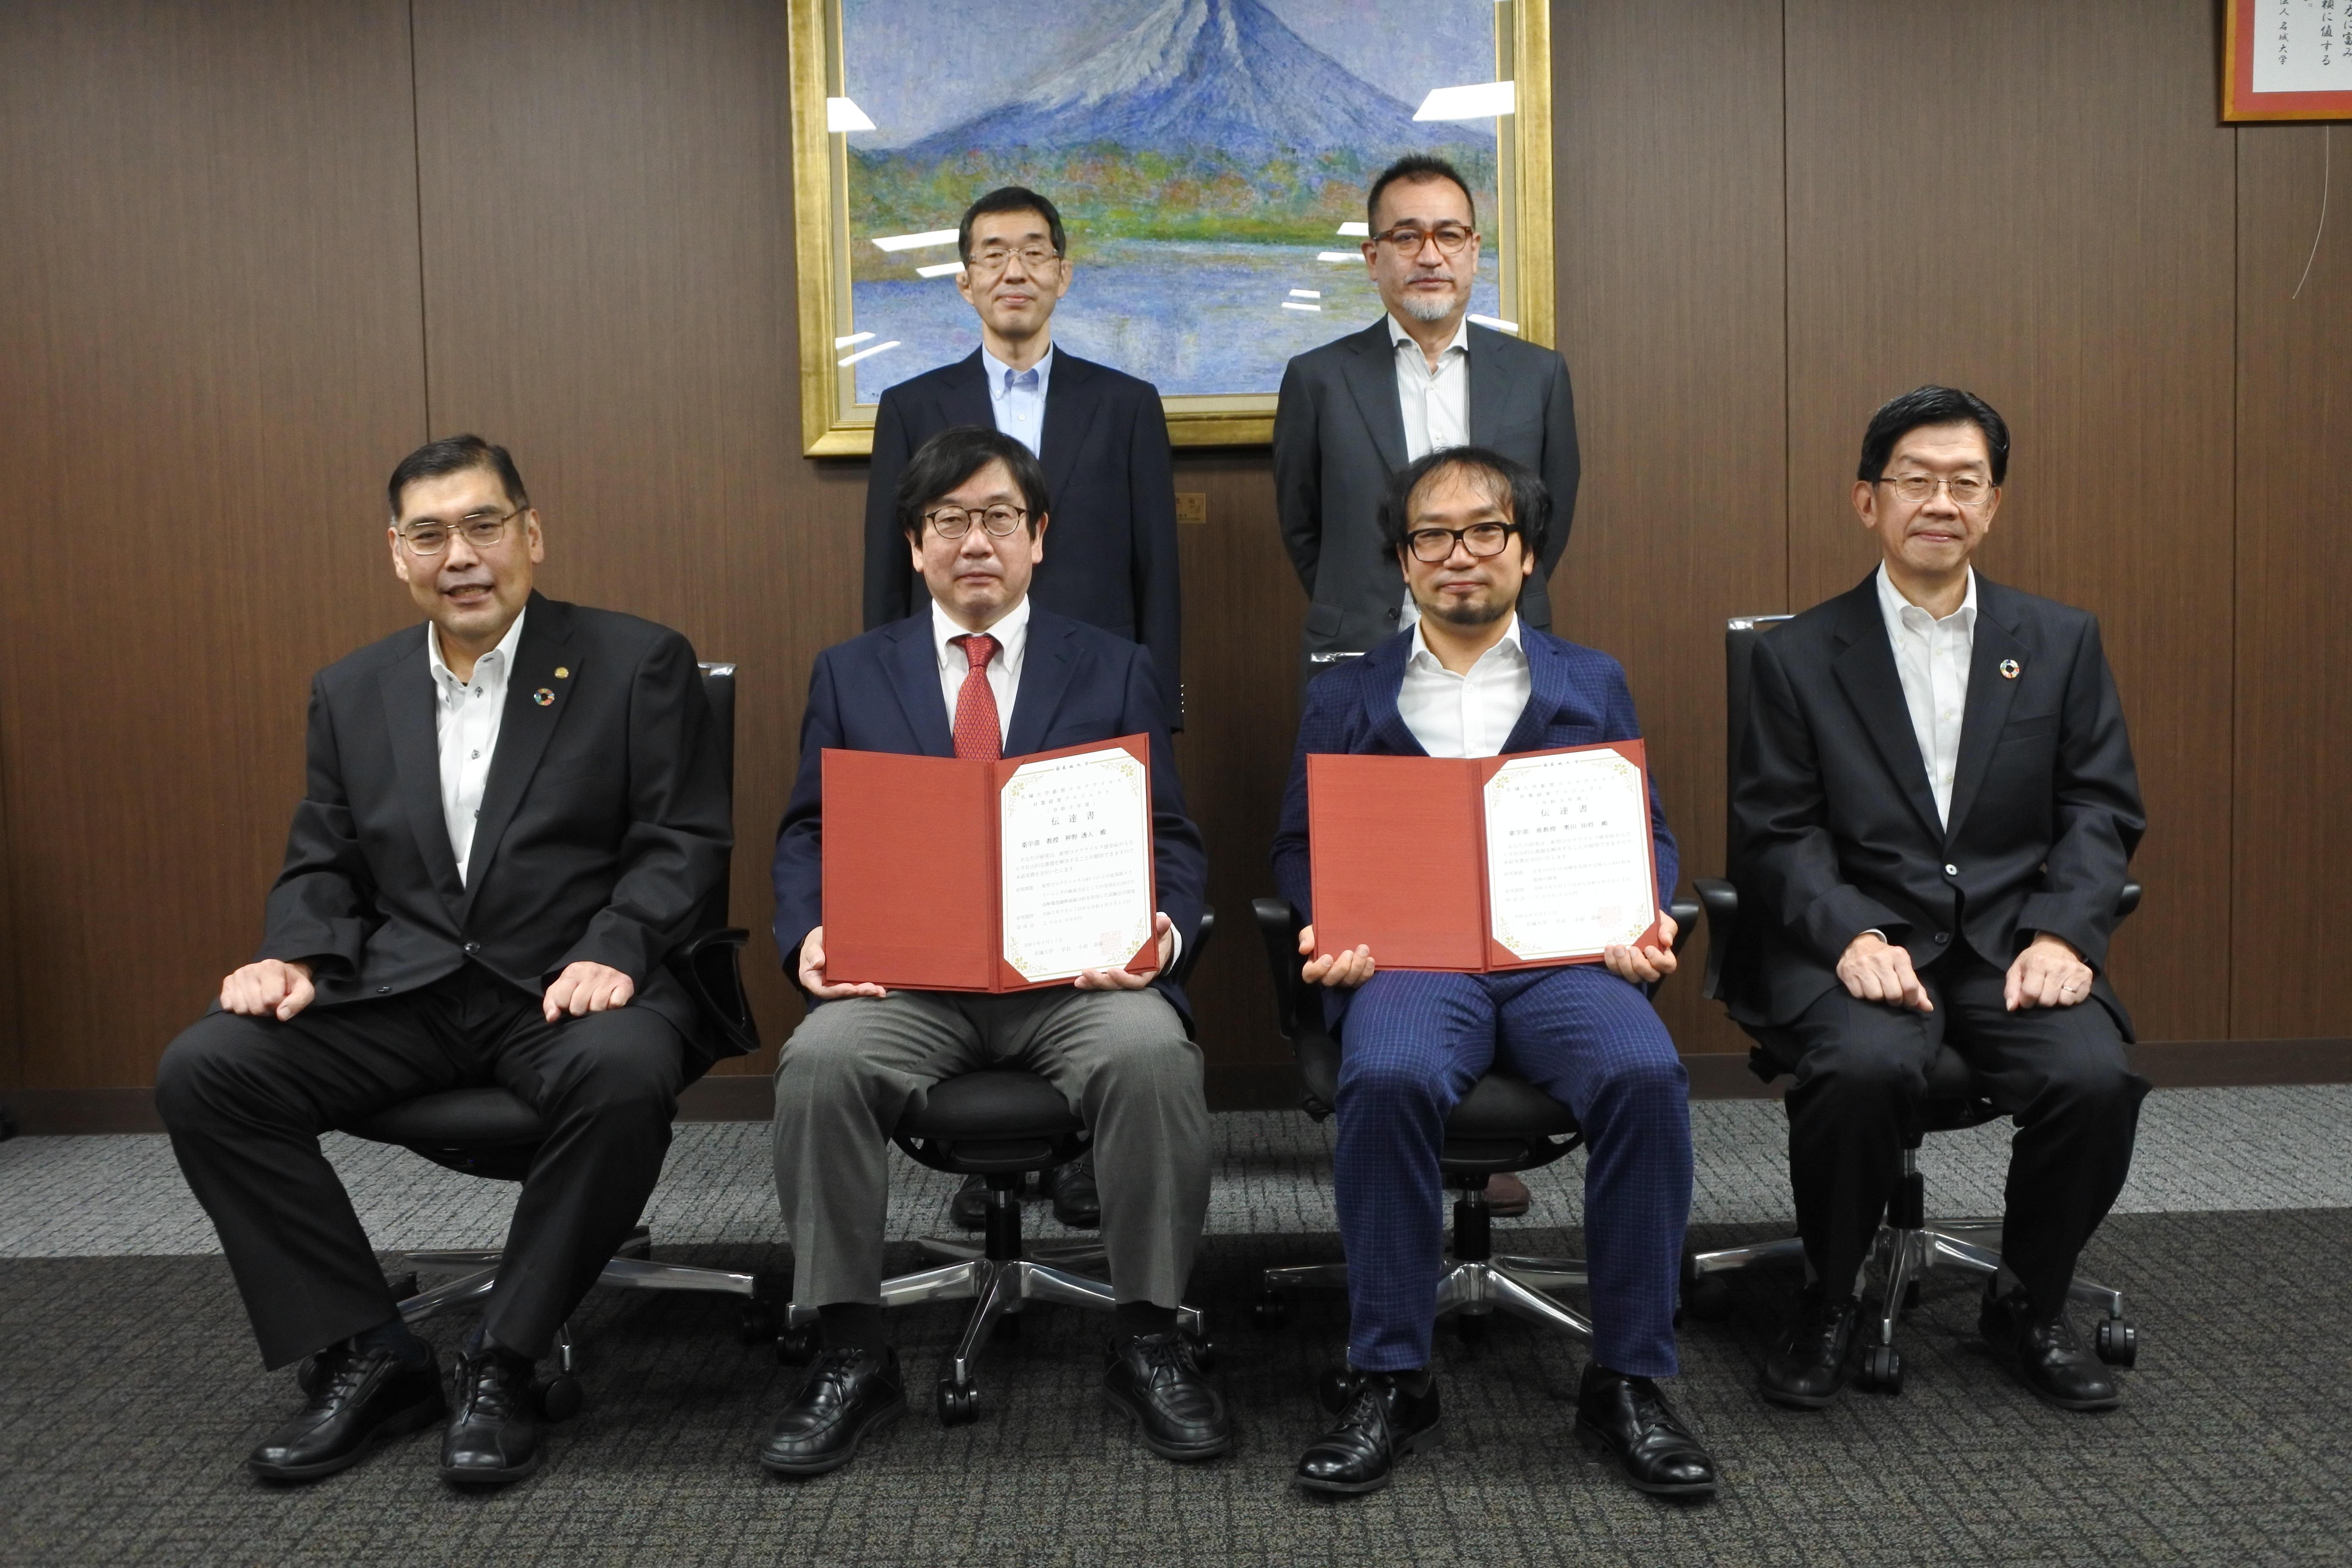 プロジェクトの伝達書を手にする神野透人教授(前列左から2人目)と奥田知将准教授(同3人目)